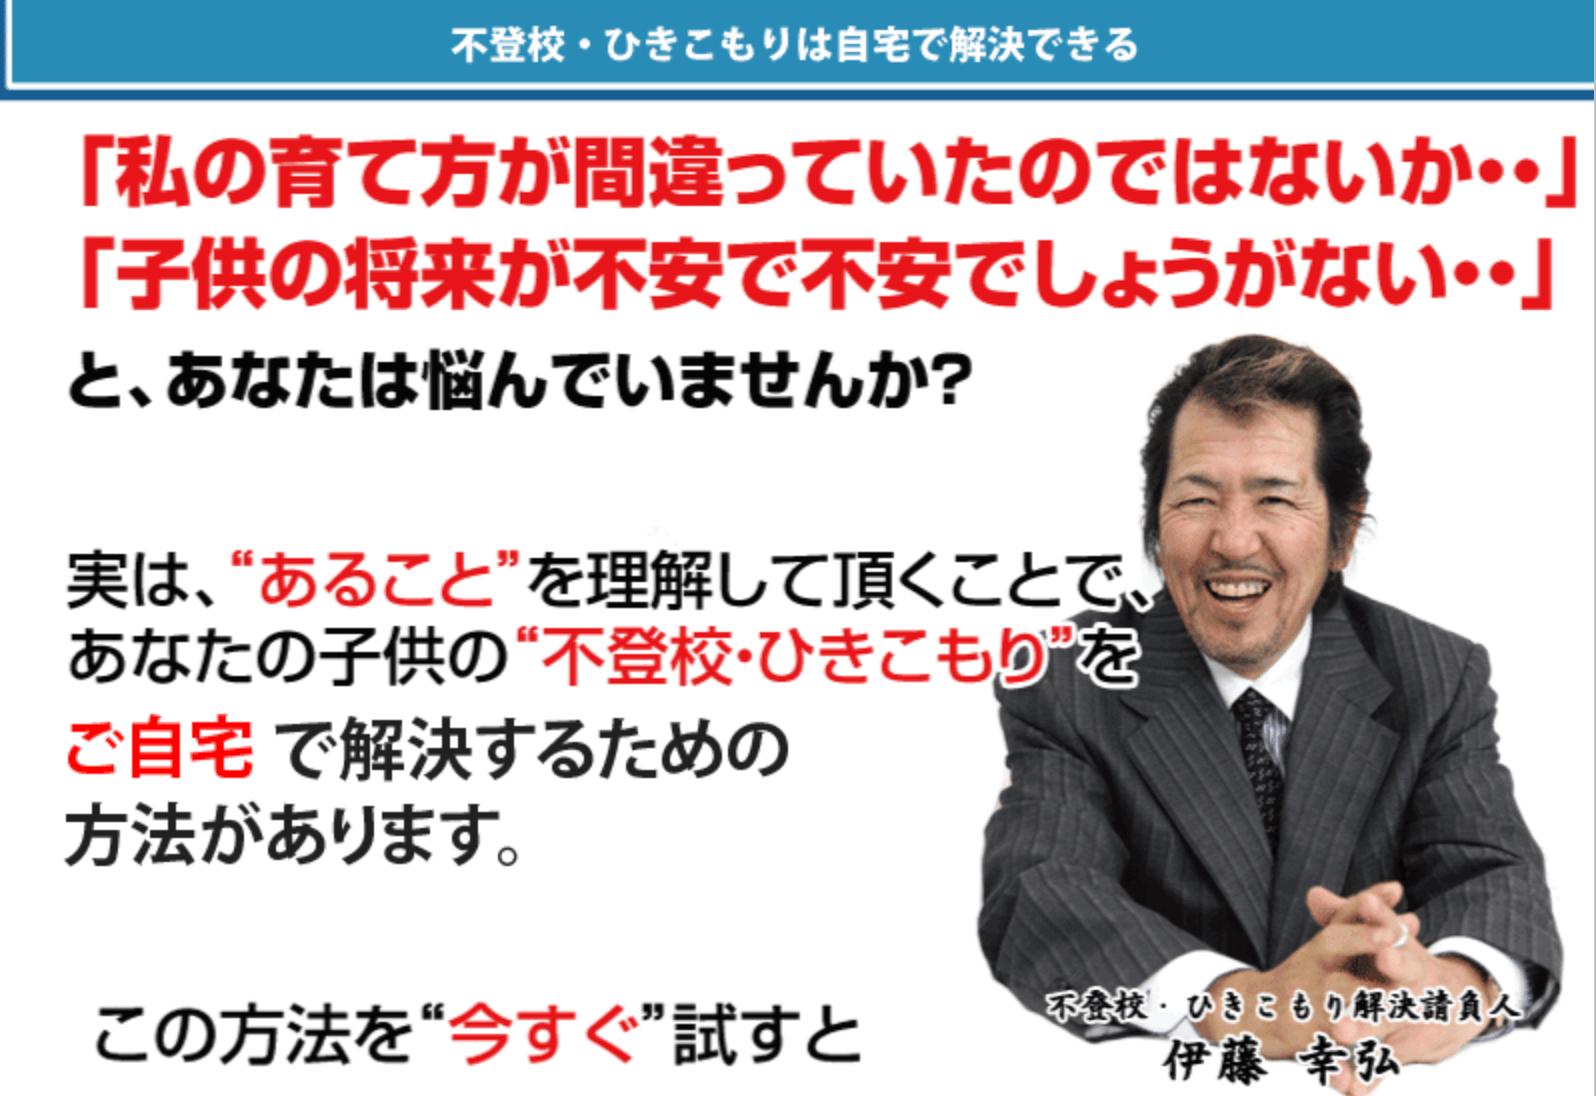 伊藤幸弘・不登校ひきこもり解決DVD